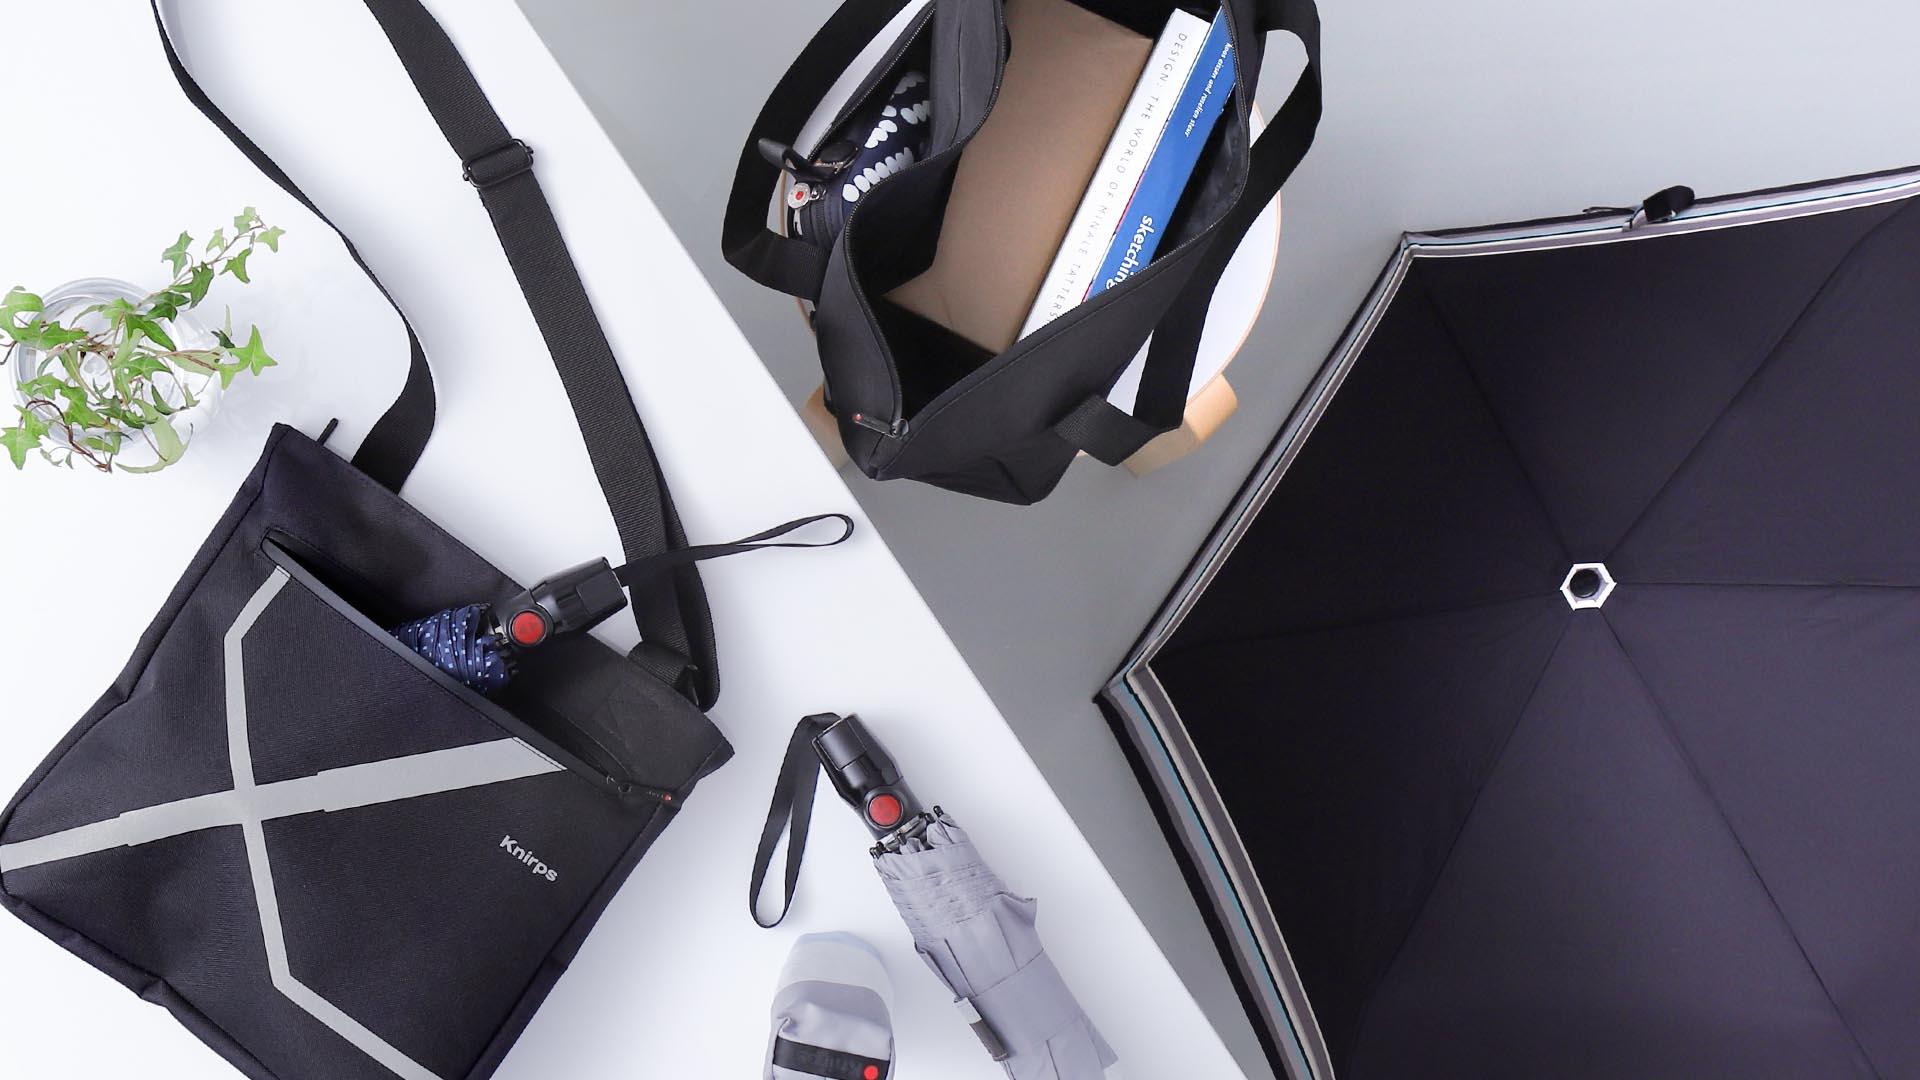 レイングッズ特集 2021 / インテリアショップroomy | Knirps Crossover Bag / クニルプス クロスオーバー バッグ